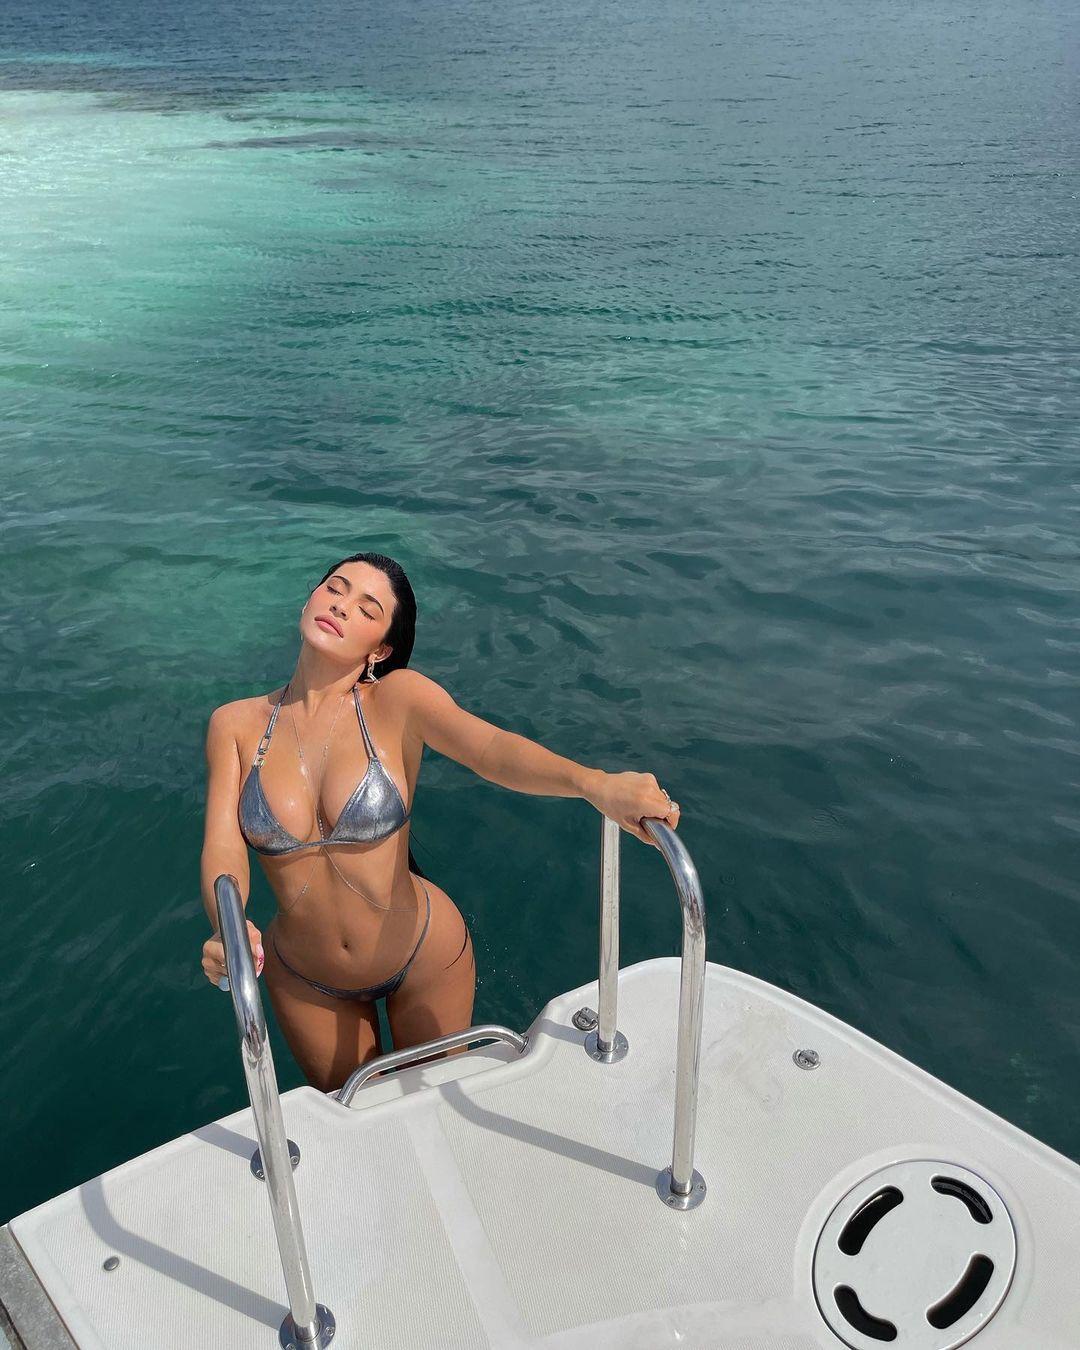 Ngoài sở hữu gần 1 tỷ đô la, hot girl còn gây choáng bởi chưa bao giờ mặc lại bikini